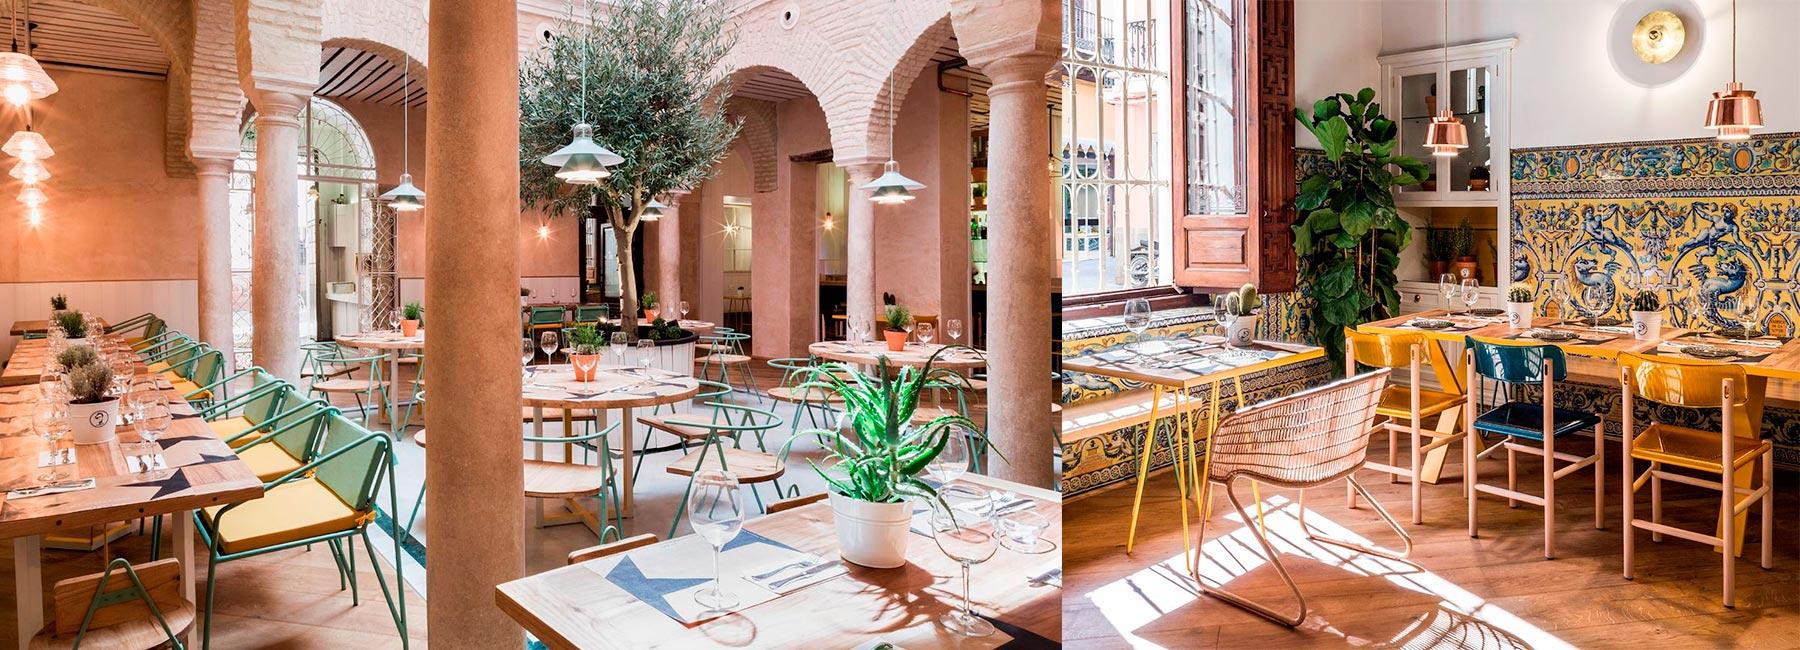 Дизайн интерьера ресторана EL PINTÓN, Севилья, Испания